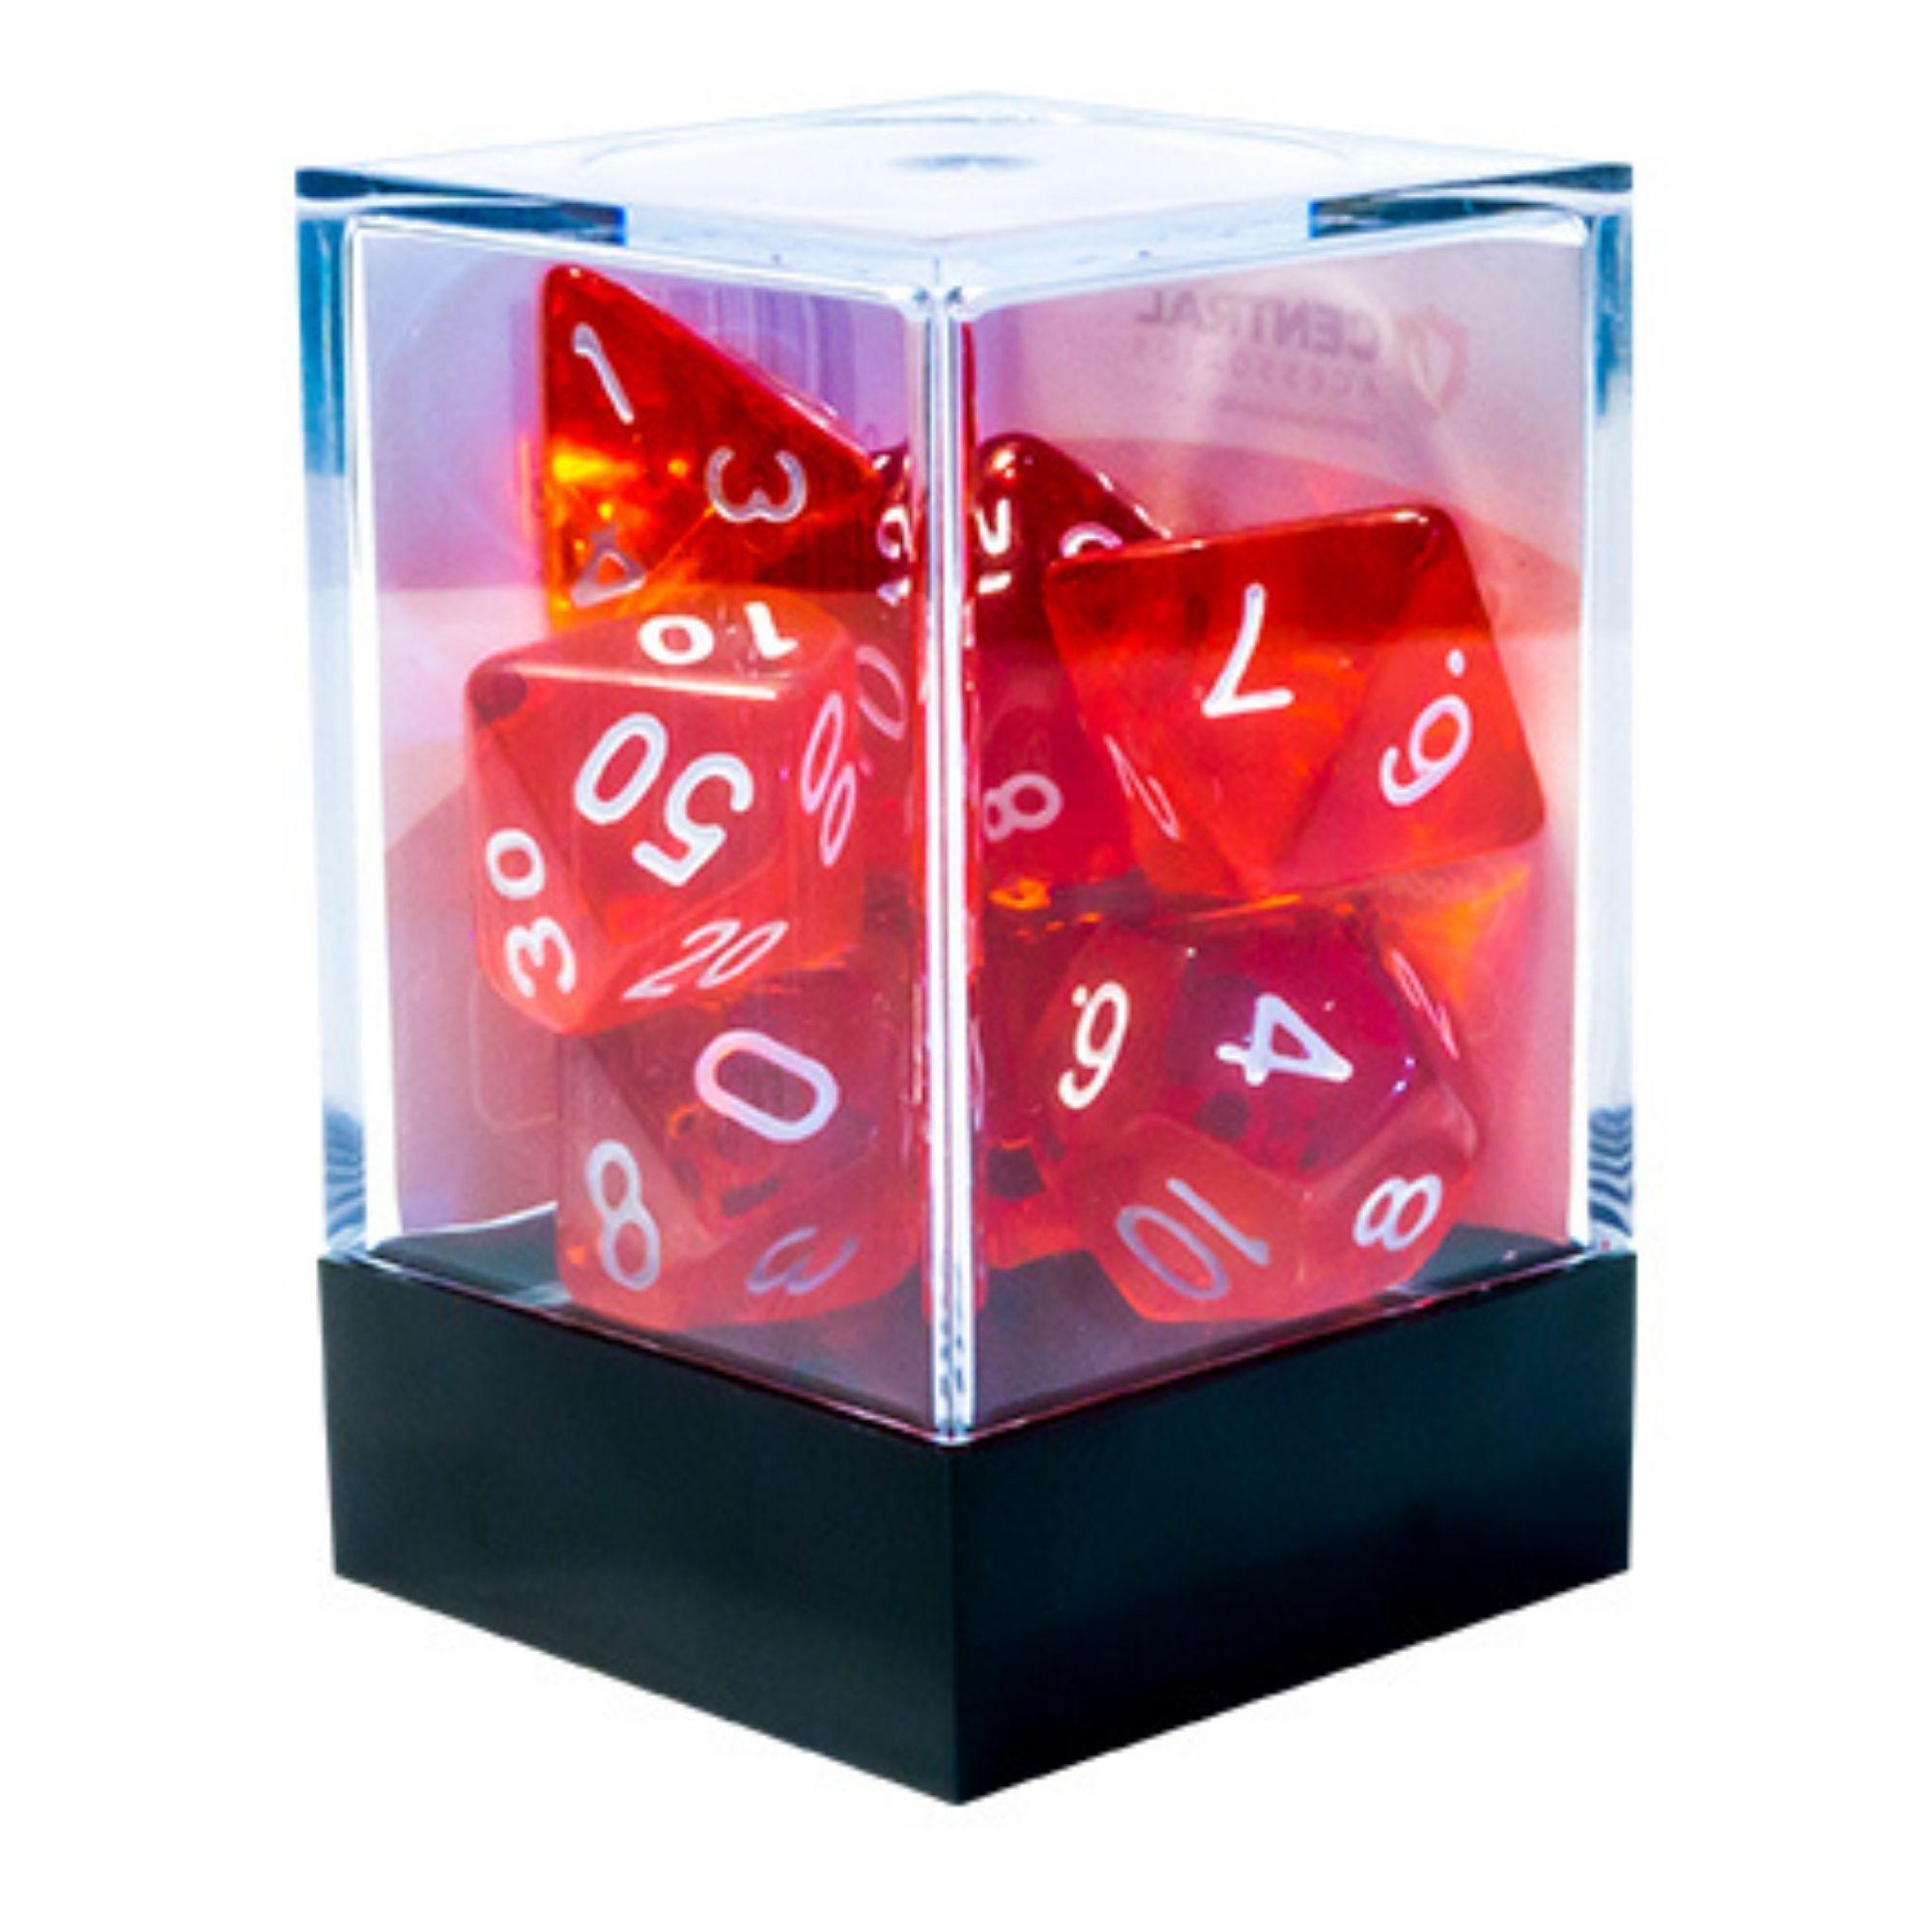 Central Dices Conjuntos 7 Dados RPG Translúcido Vermelho e Branco